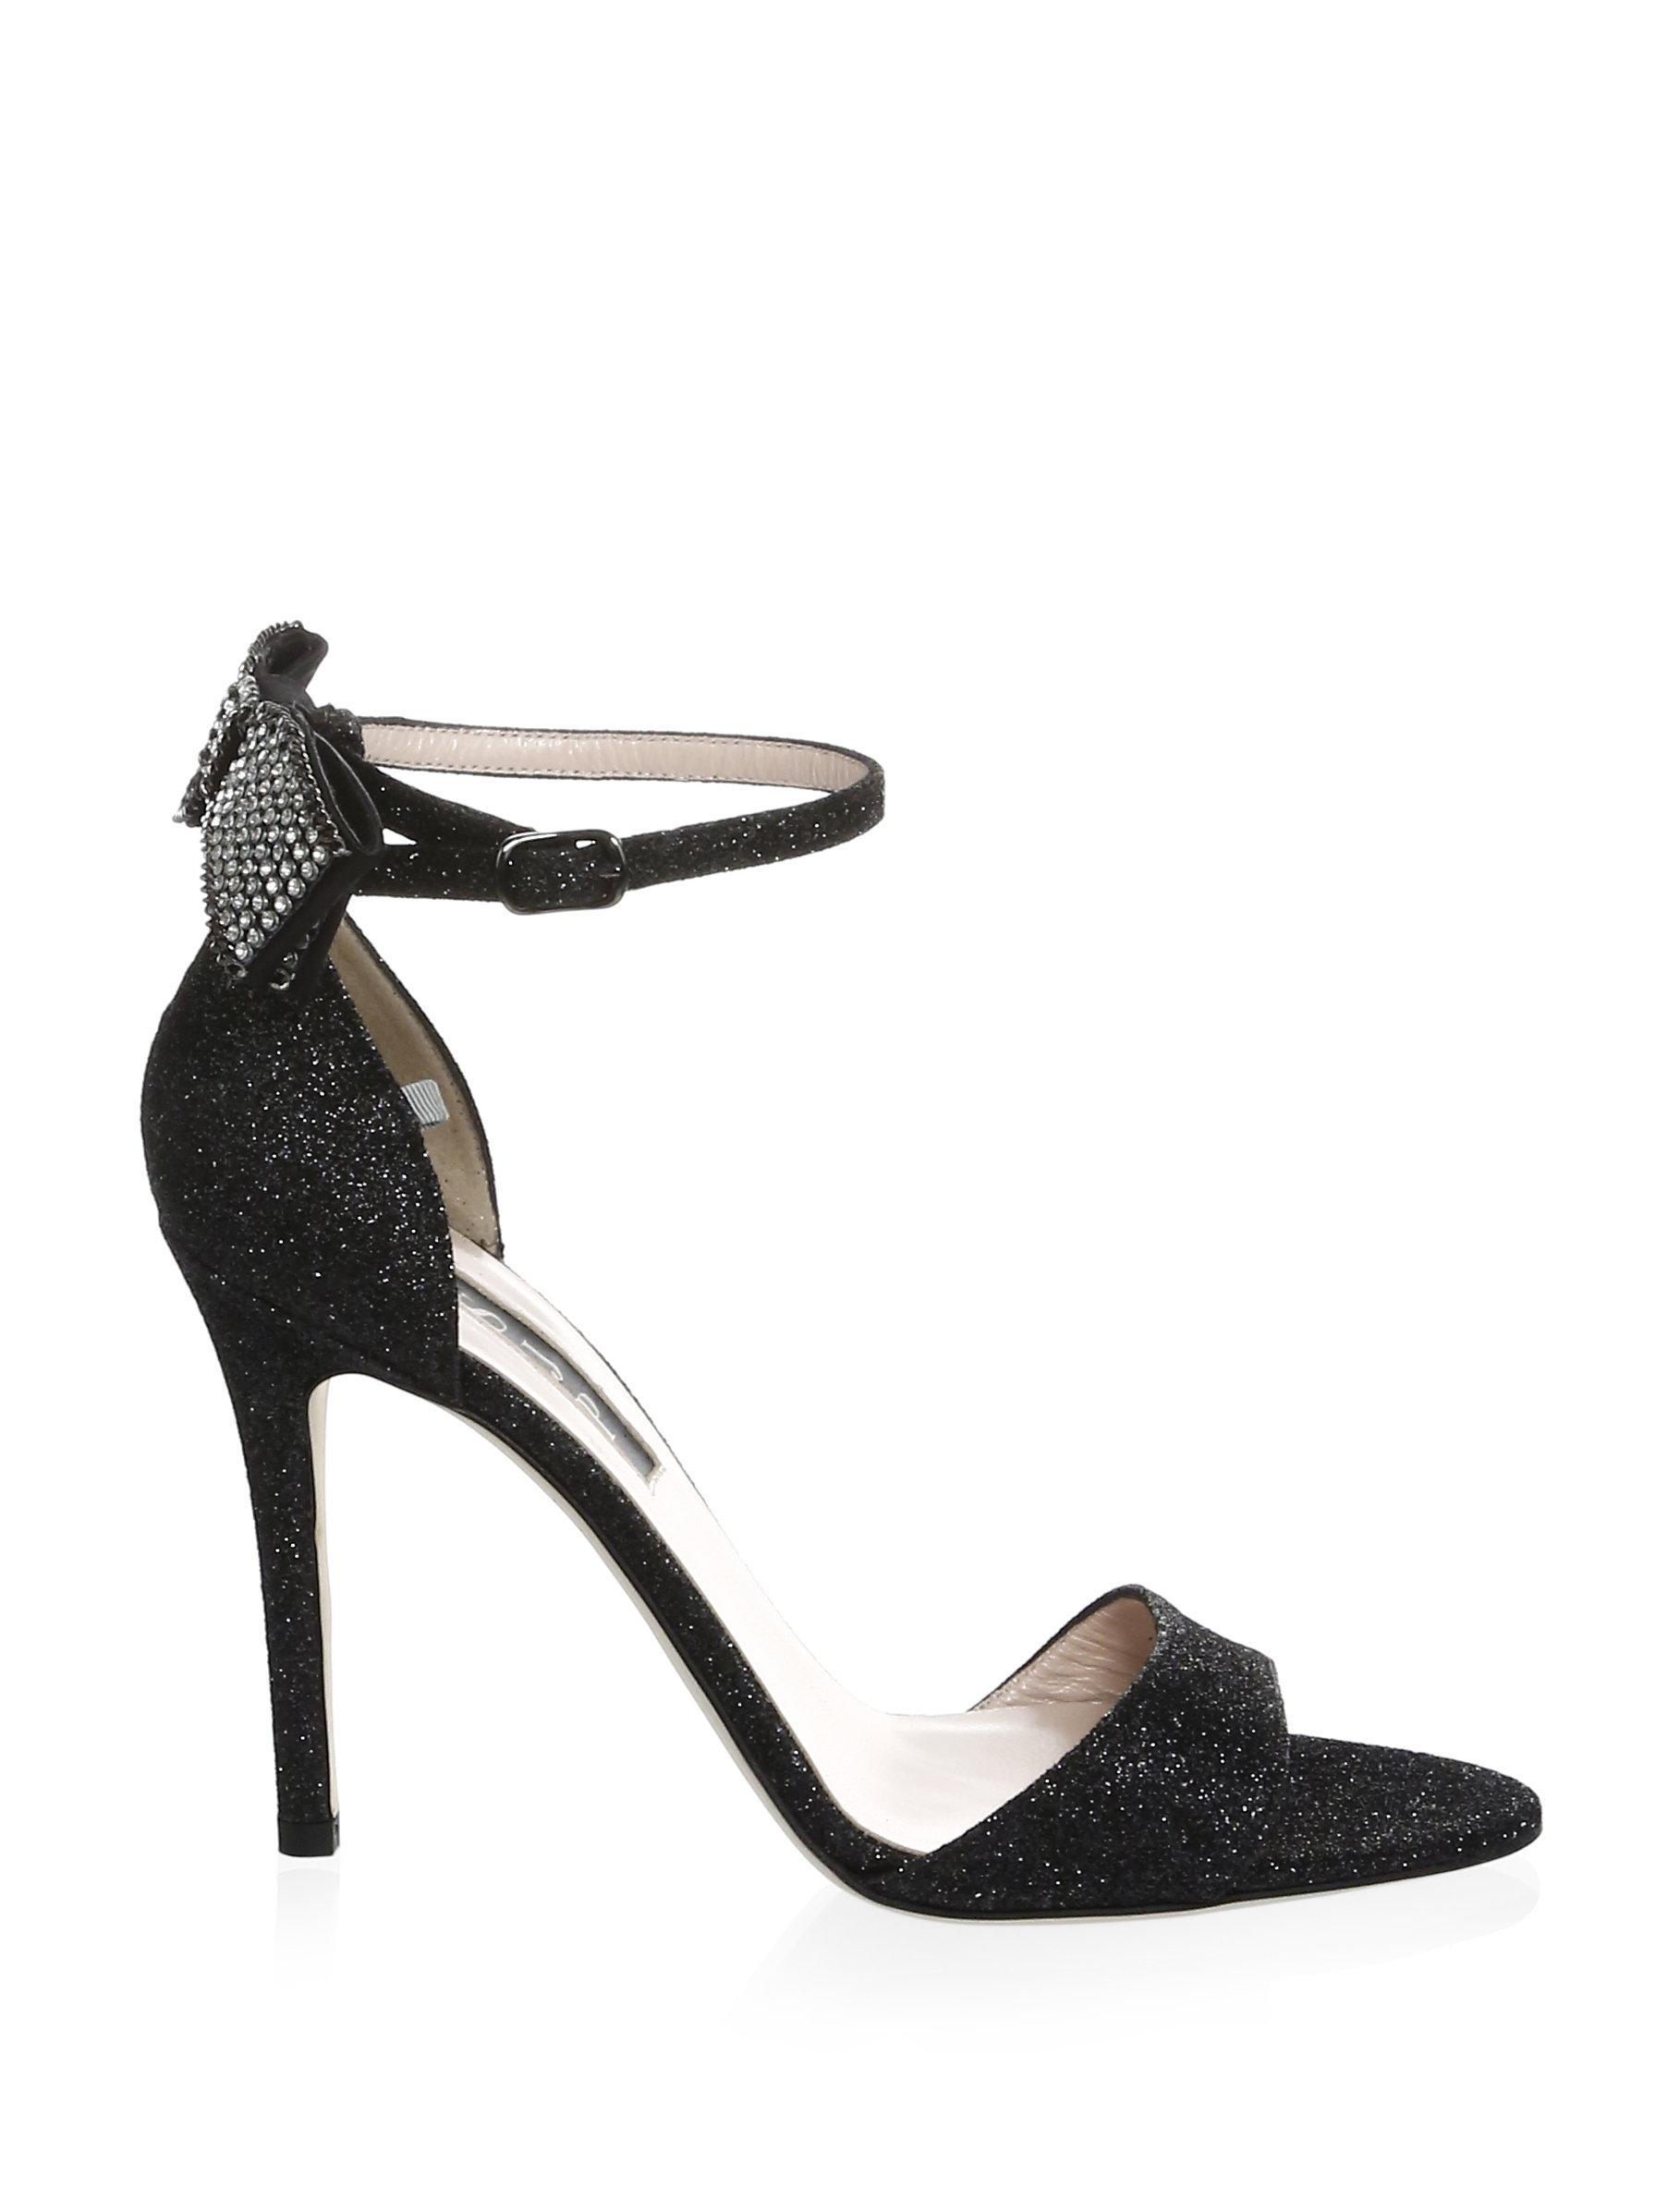 Sjp Encore Bis Stiletto Sandals LKiob